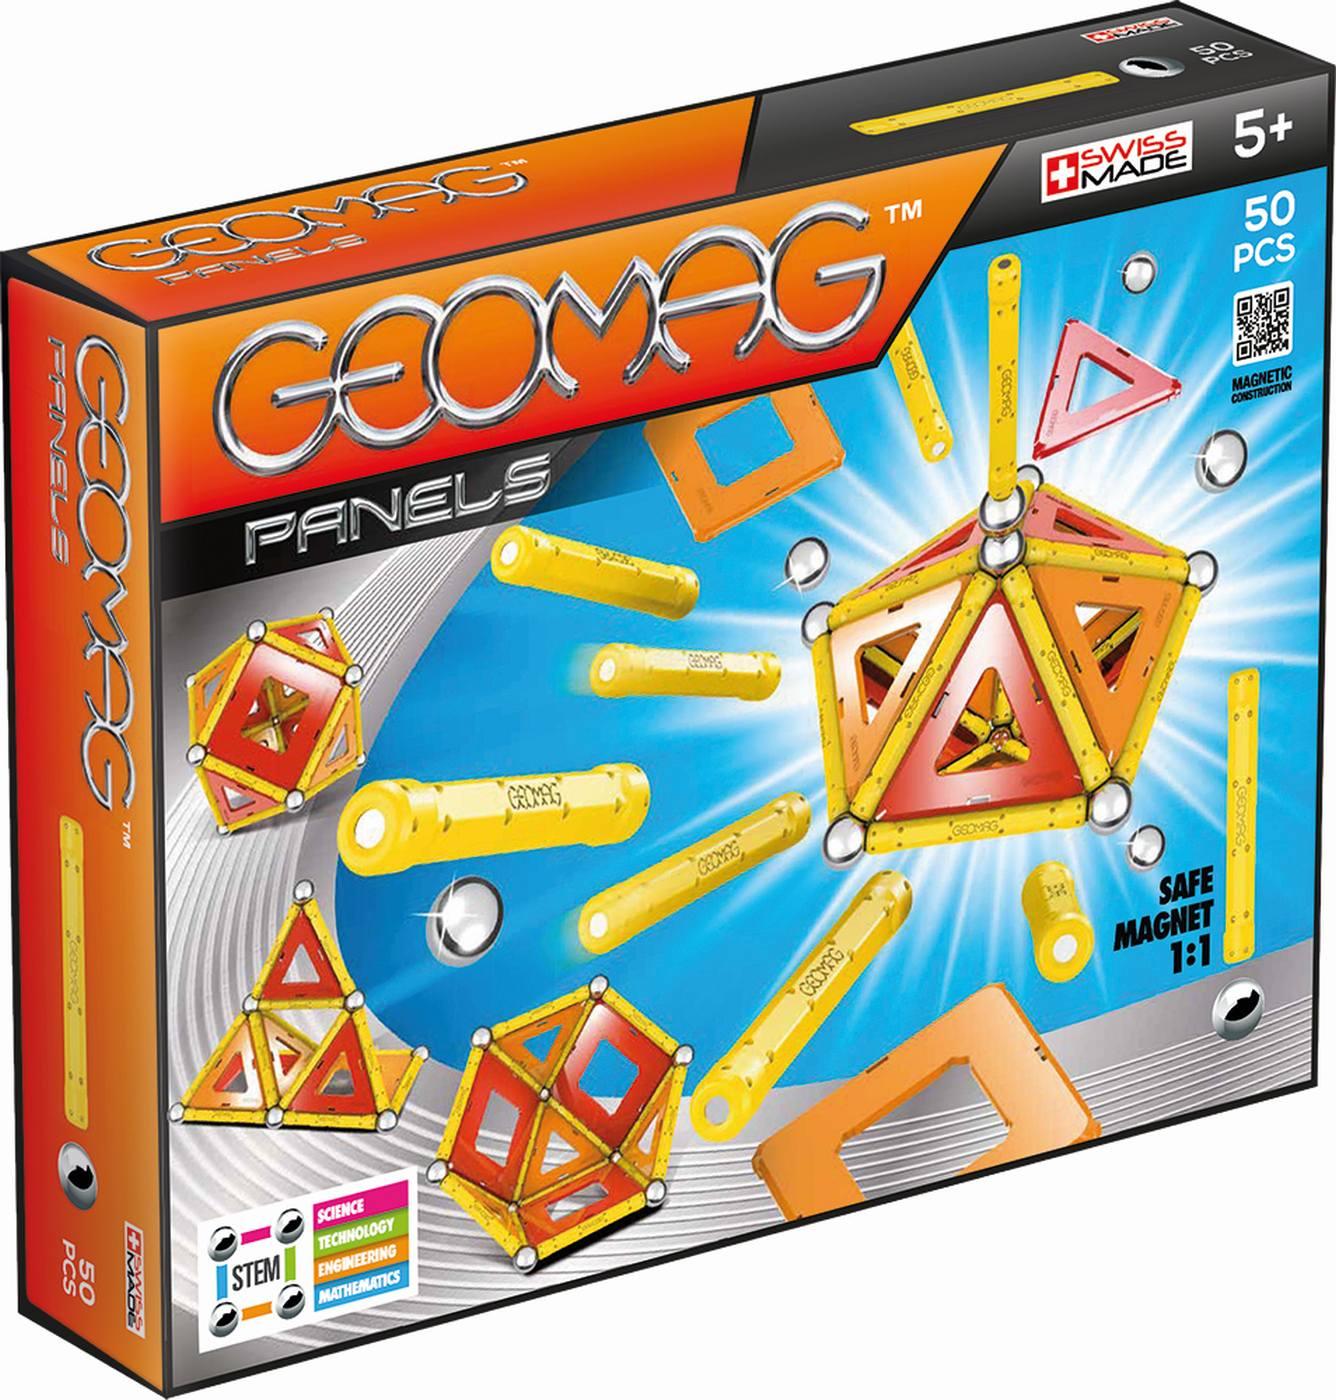 Geomag Panels 50 Pcs (461)